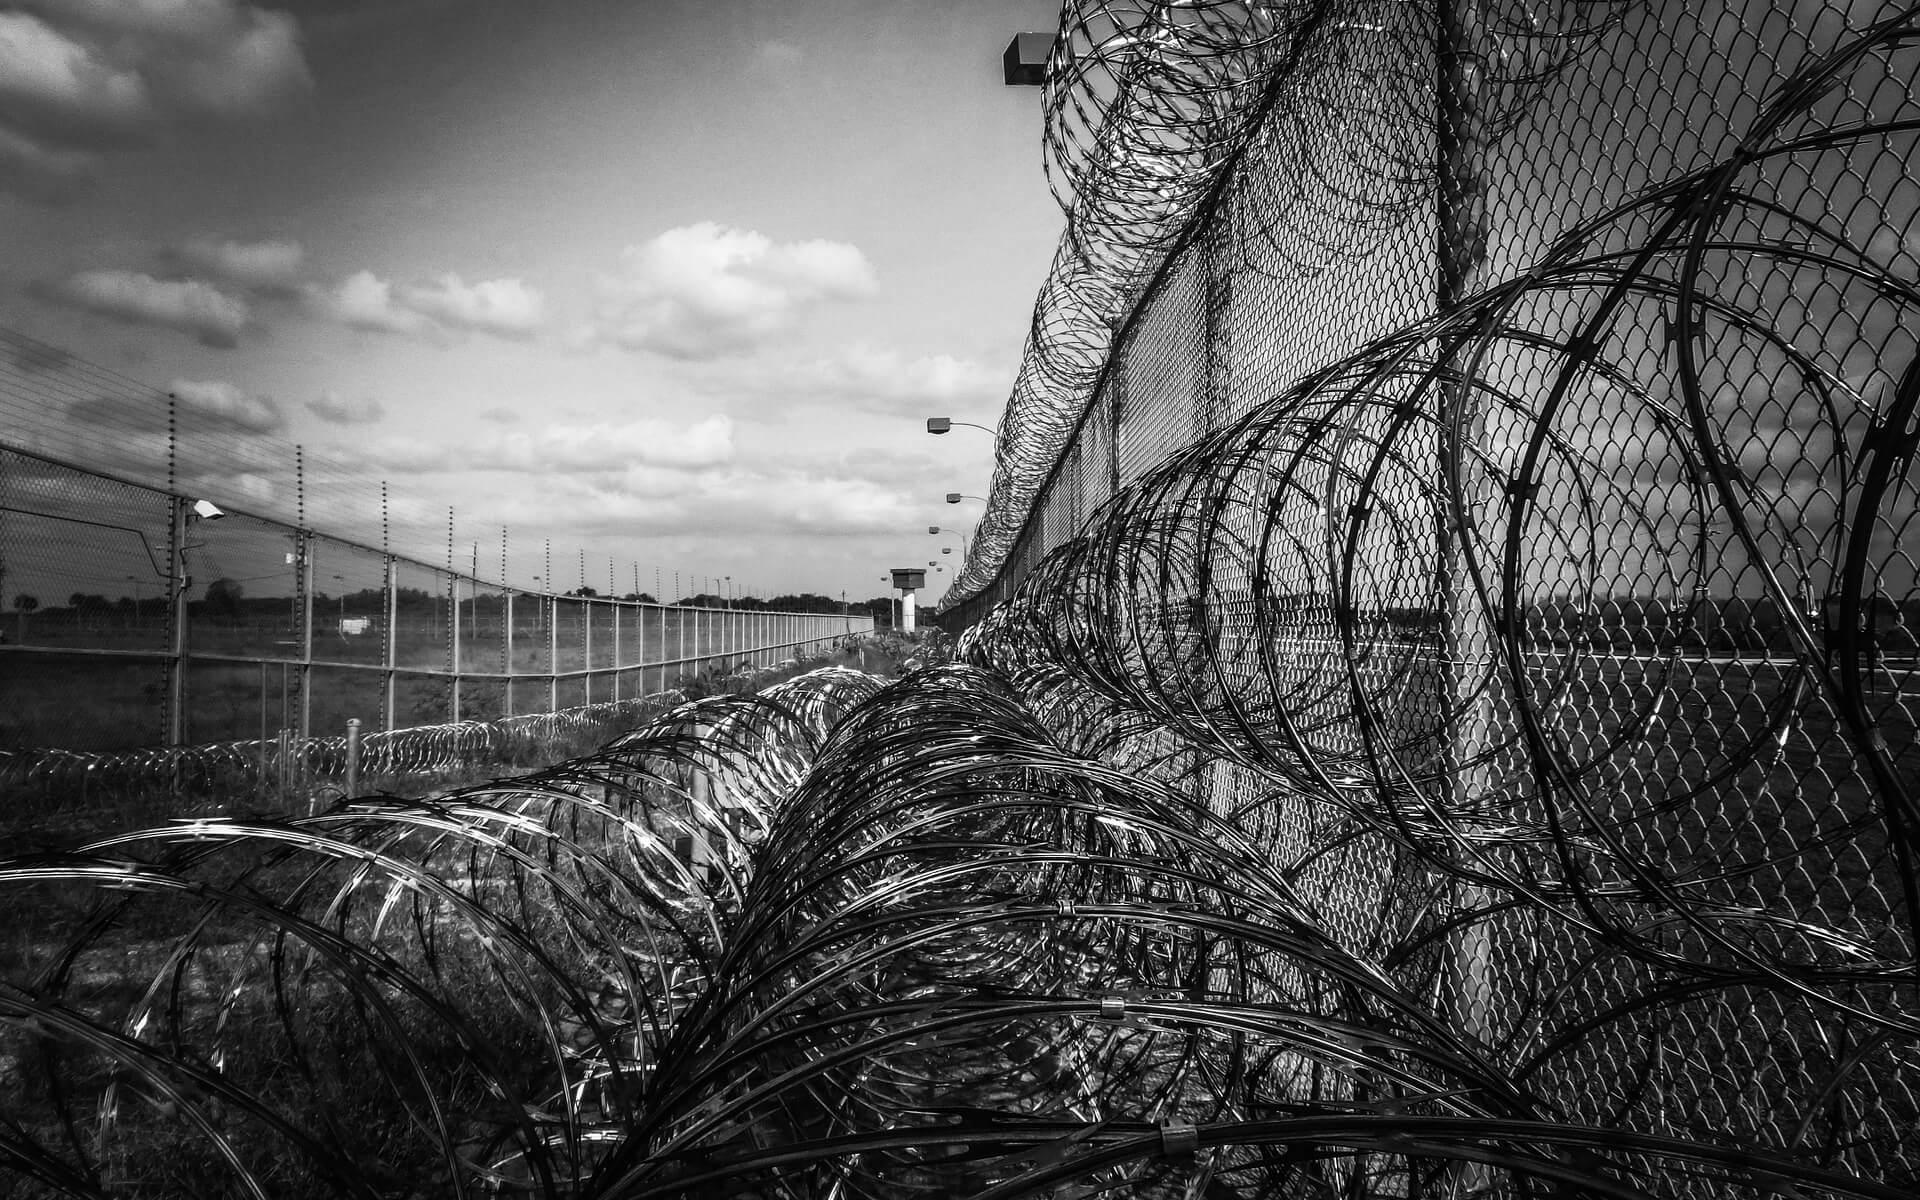 Im Gefängnis - In Prison